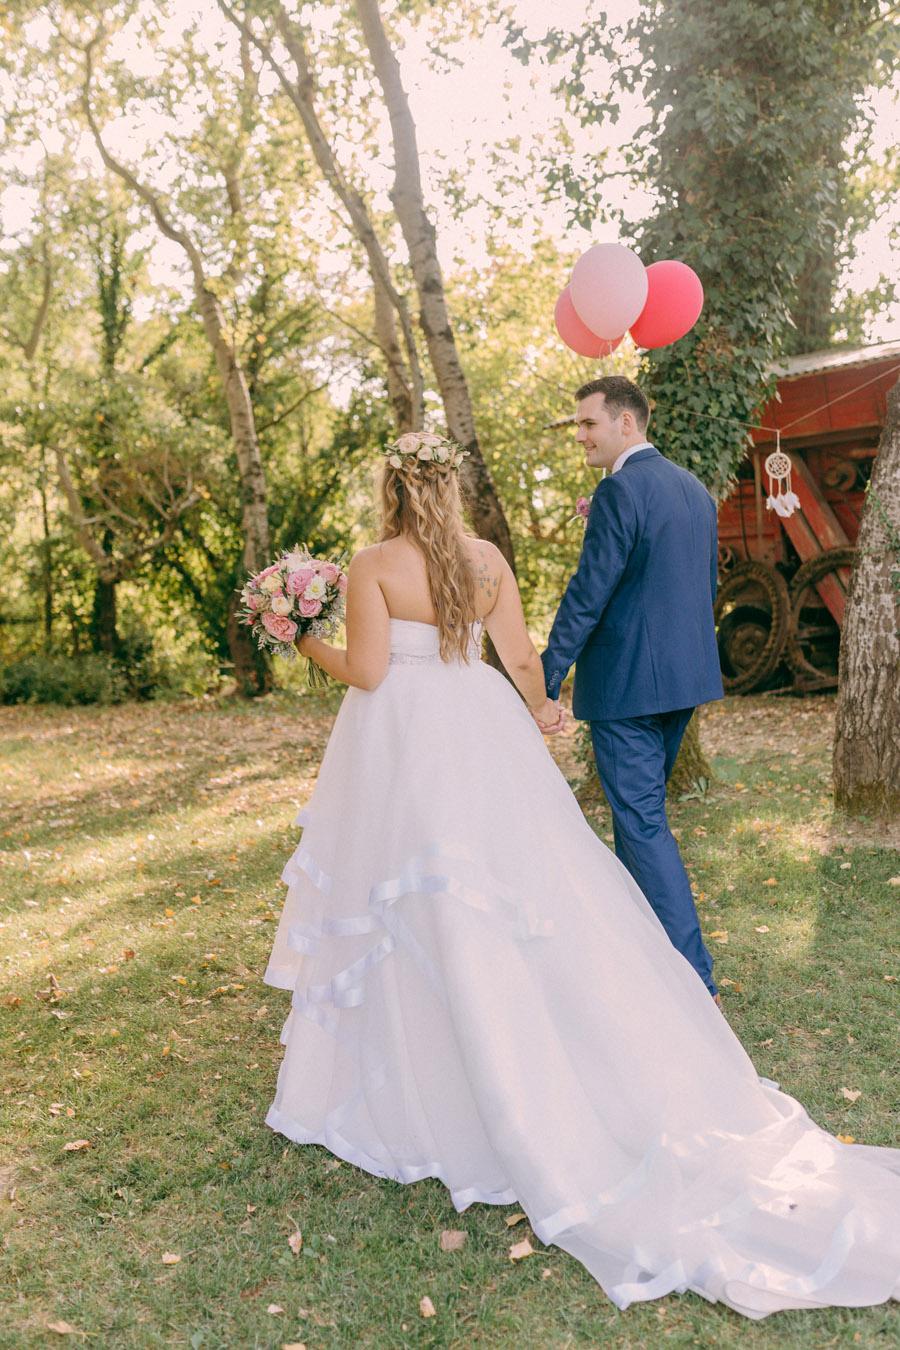 porocni-fotograf-kodarinov-mlin-kras-primorska-vila-vipolze-vila-fabiani-poroka (64)